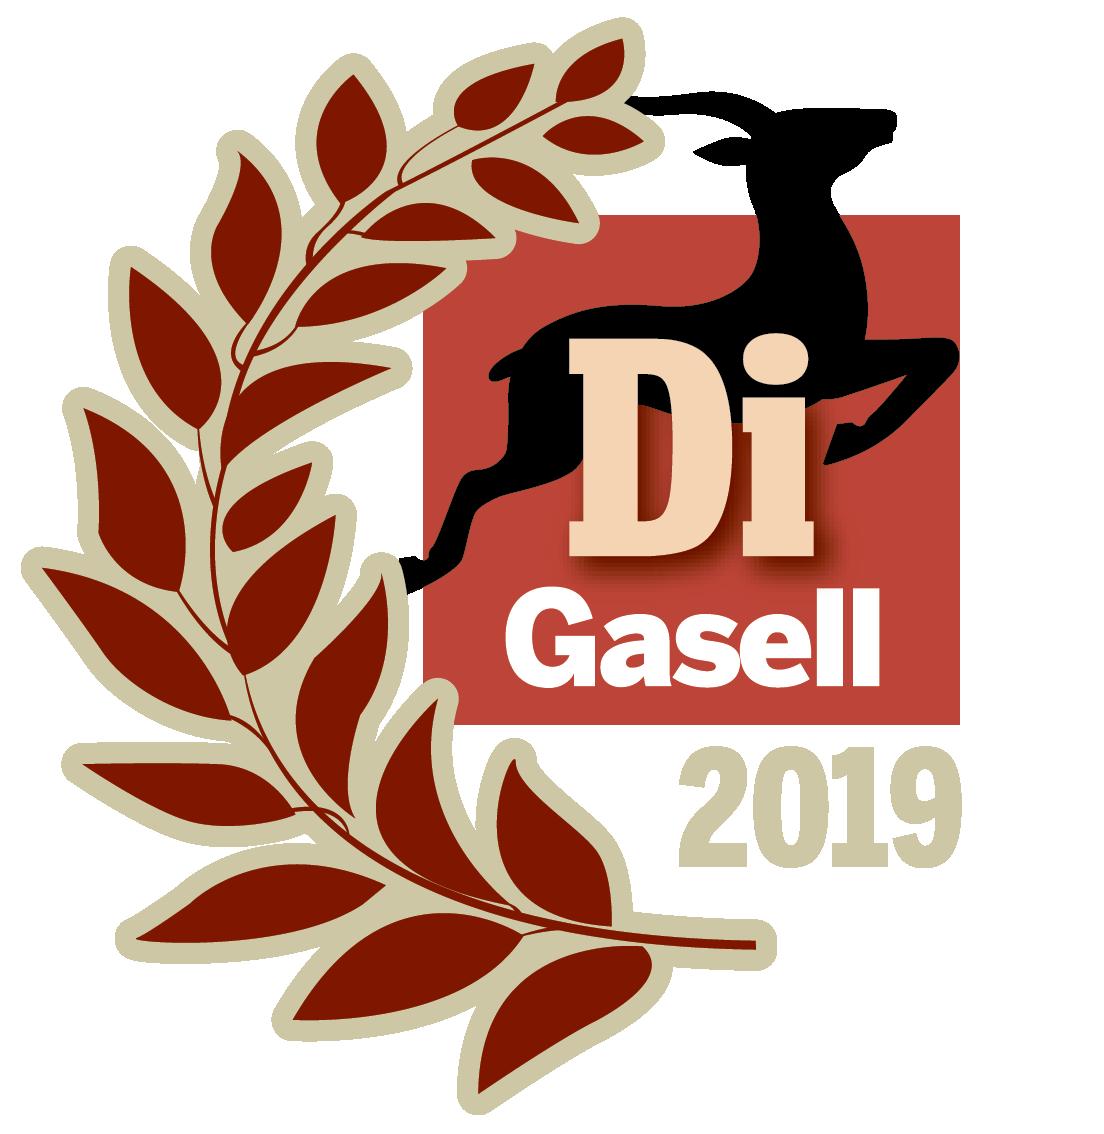 Tryggsam gasell företag 2019